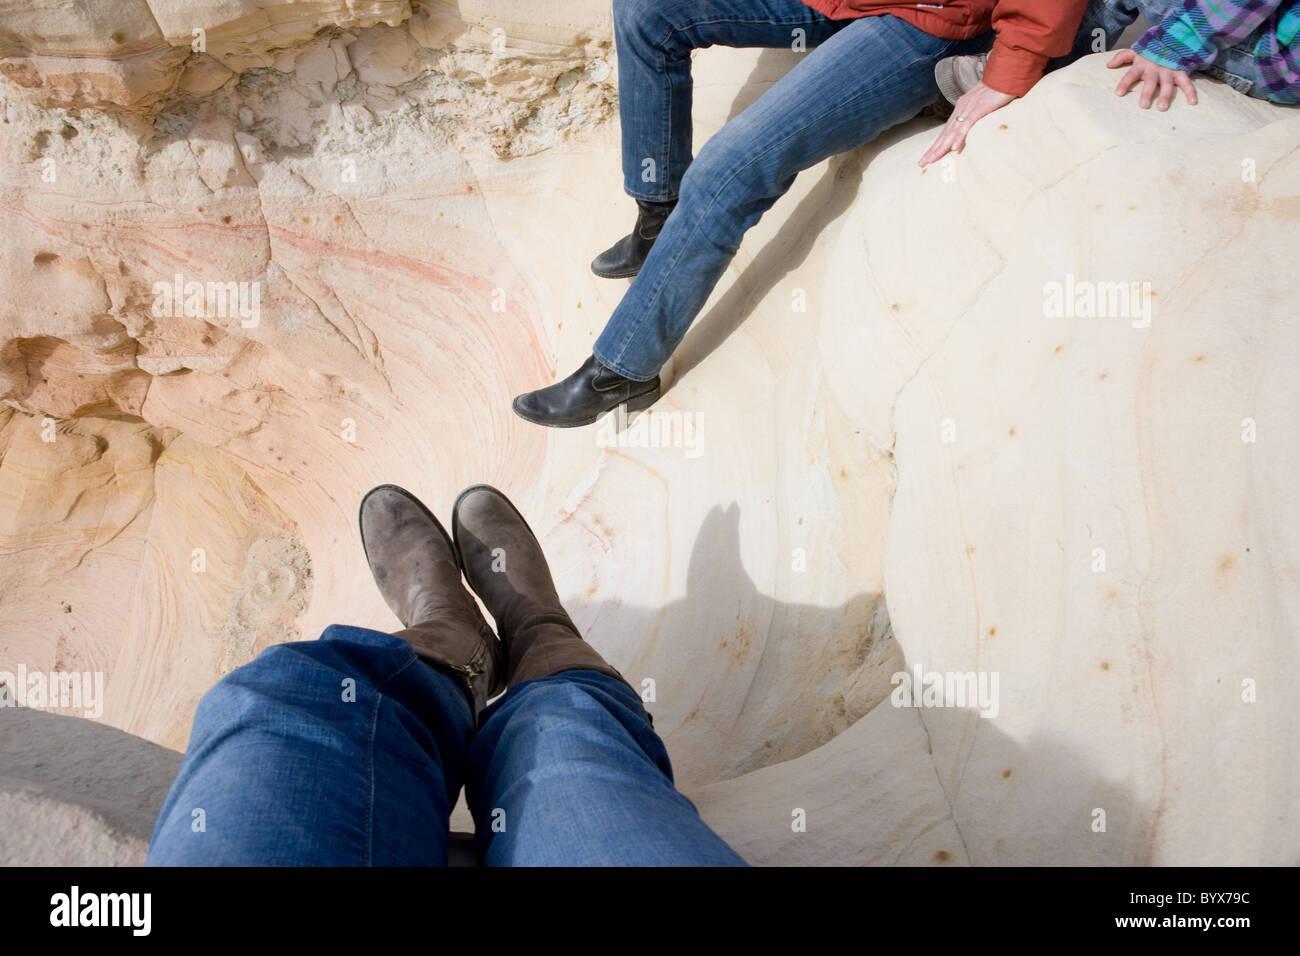 Las mujeres con botas descansando sobre la piedra arenisca, alto desierto de Nuevo México, EE.UU. Imagen De Stock